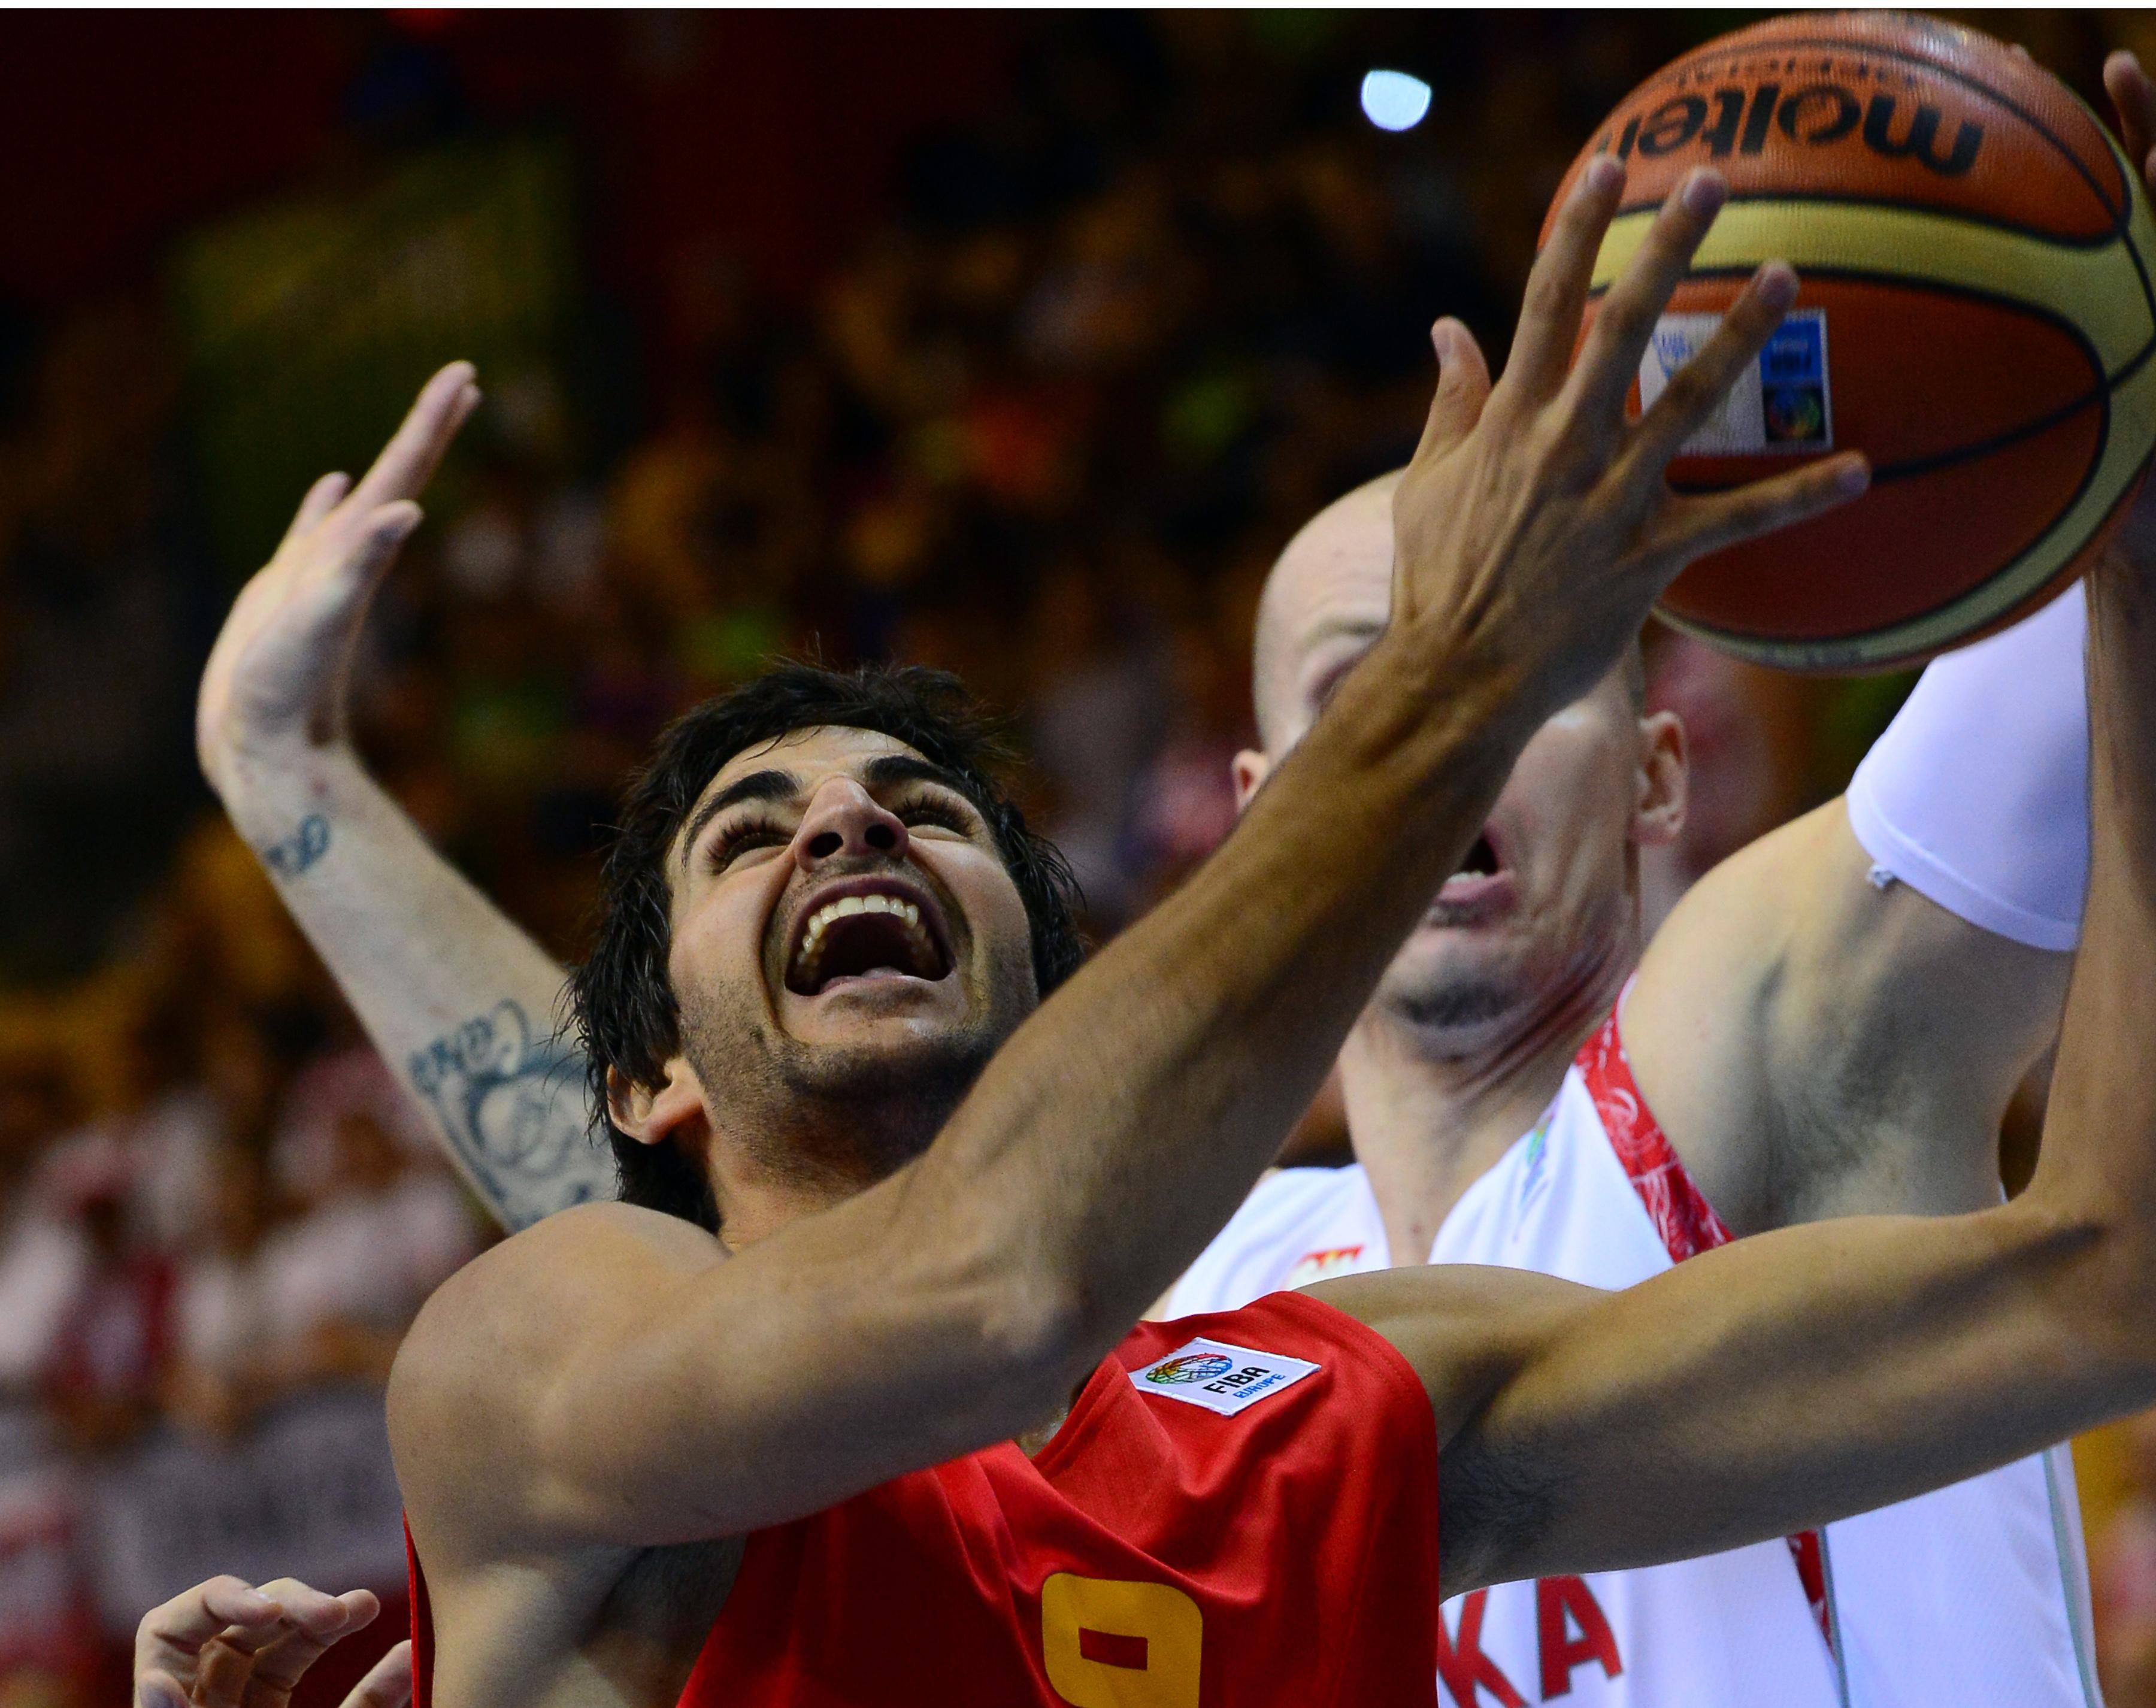 España en el EuroBasket: ¿comienzo y final feliz?